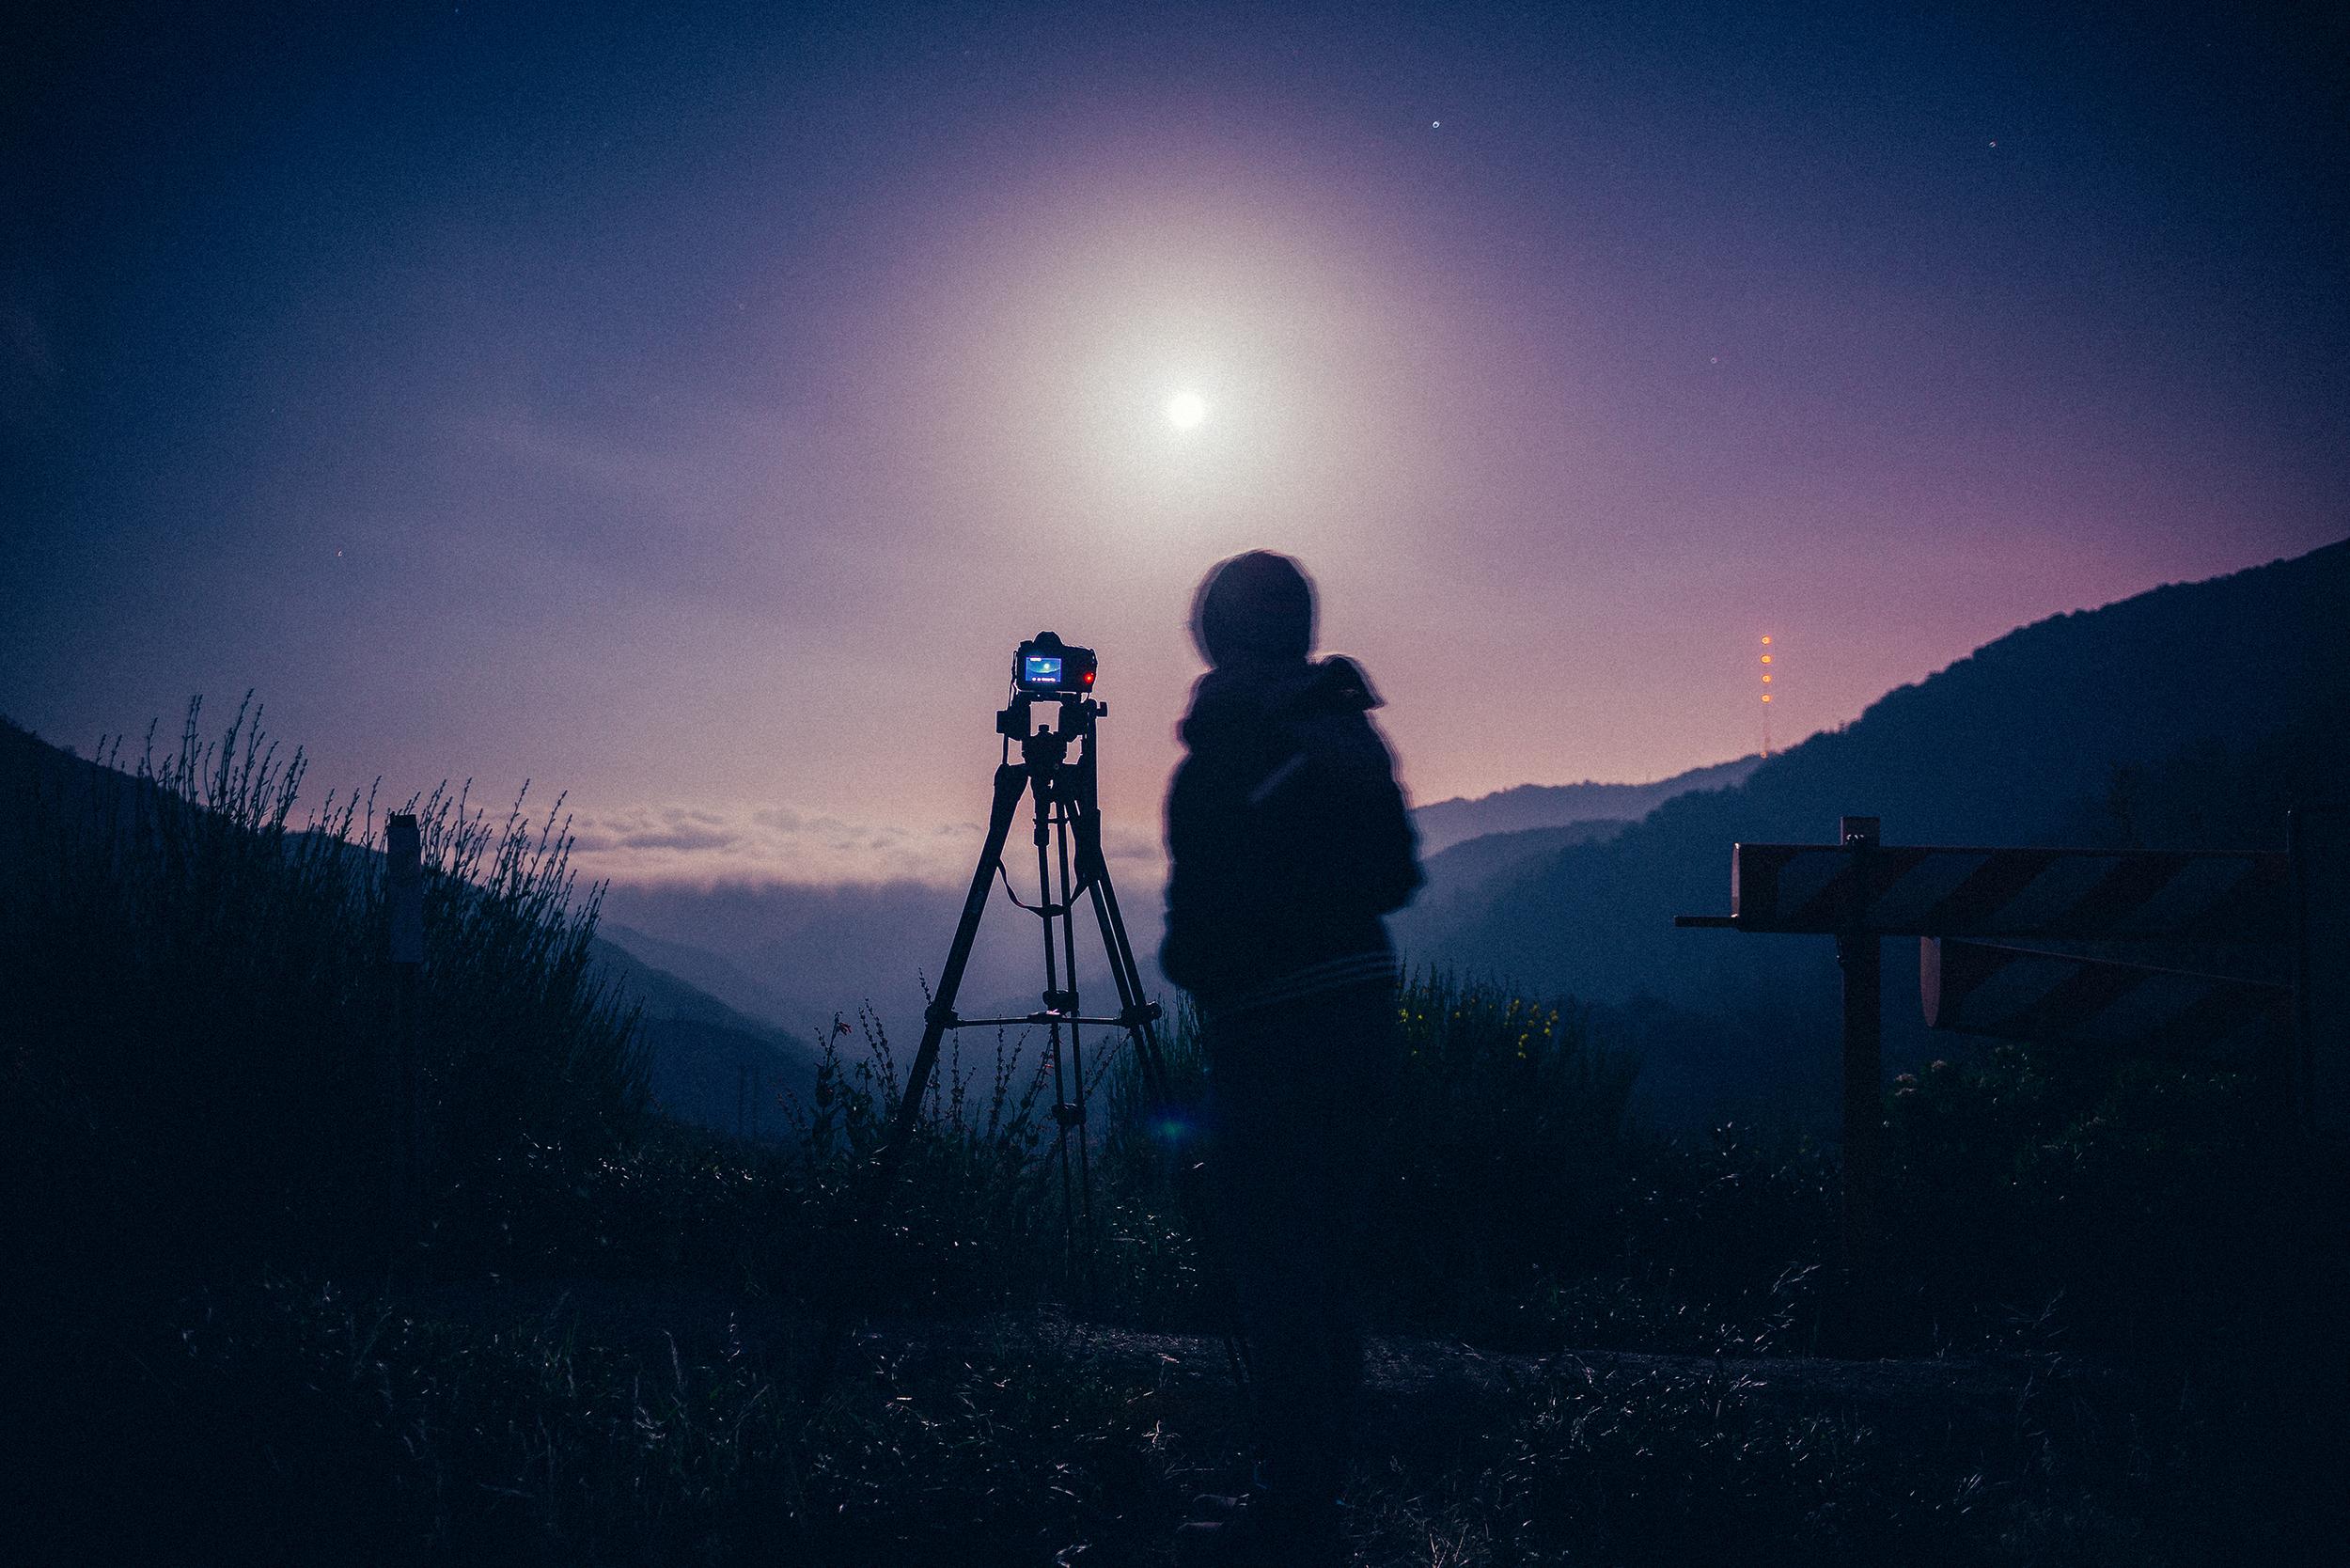 NightShot_sm.jpg